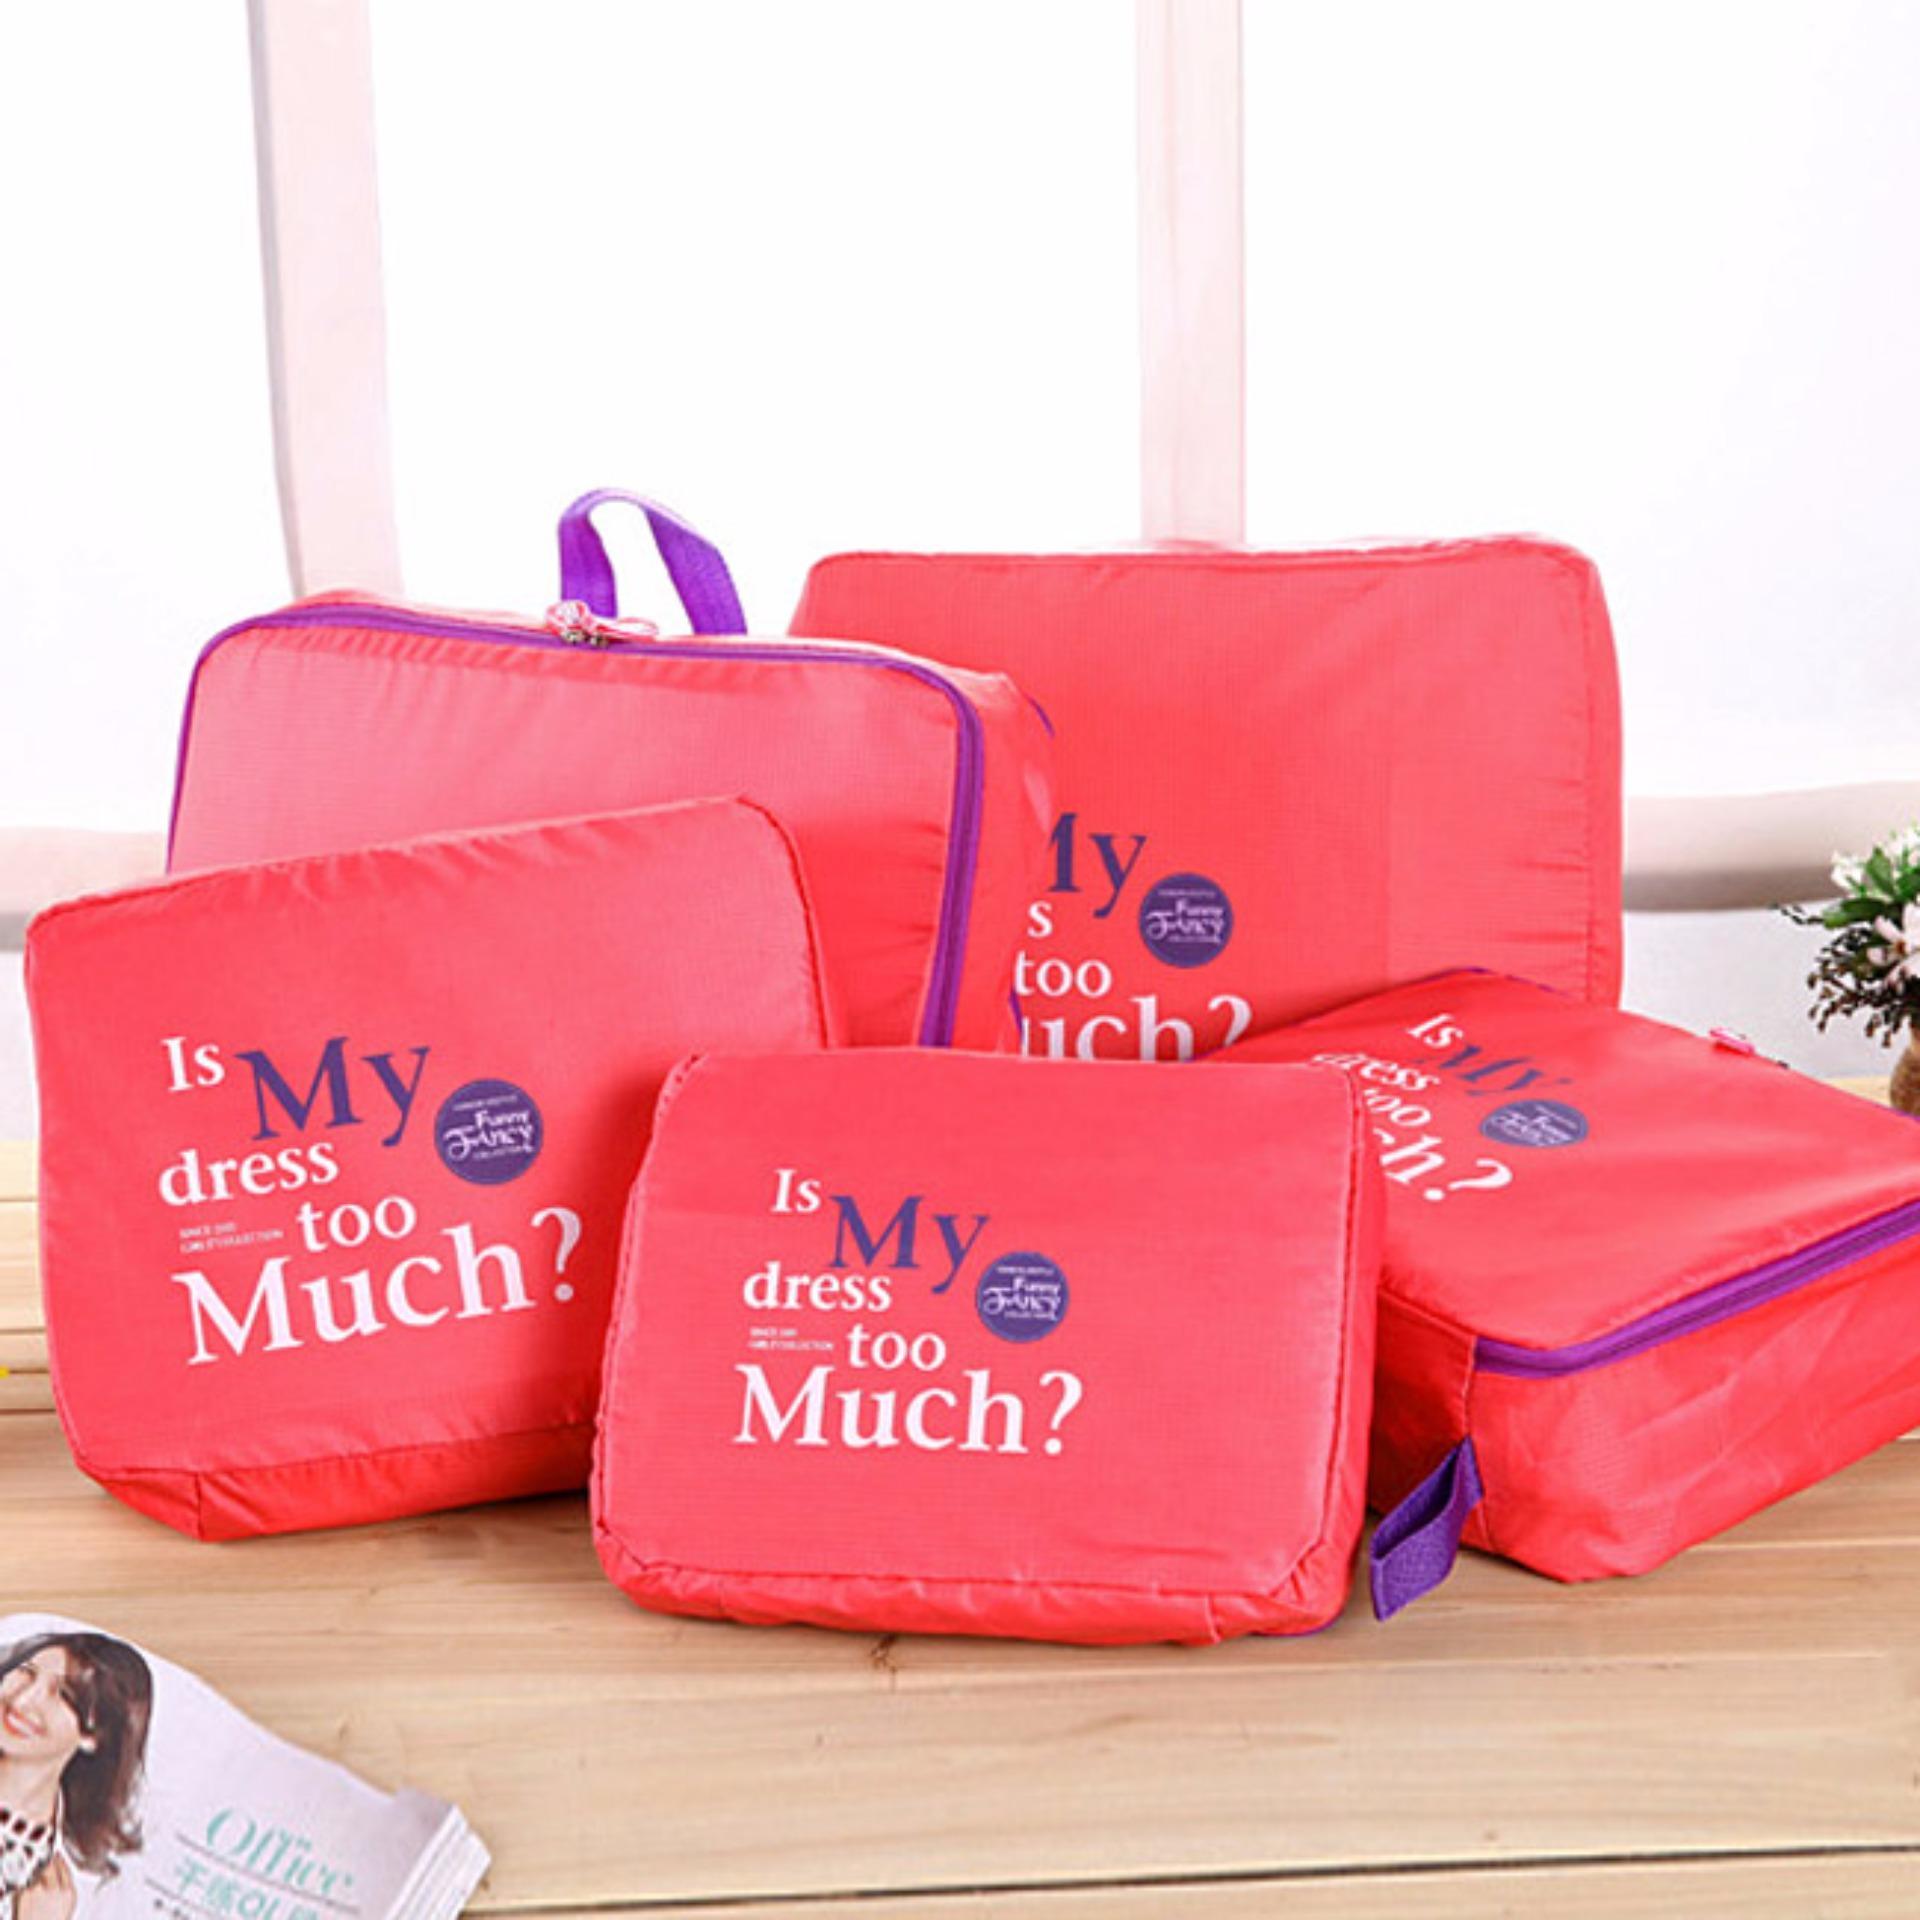 Giá bán Bộ 5 túi Bag in bags tiện dụng (Cam)